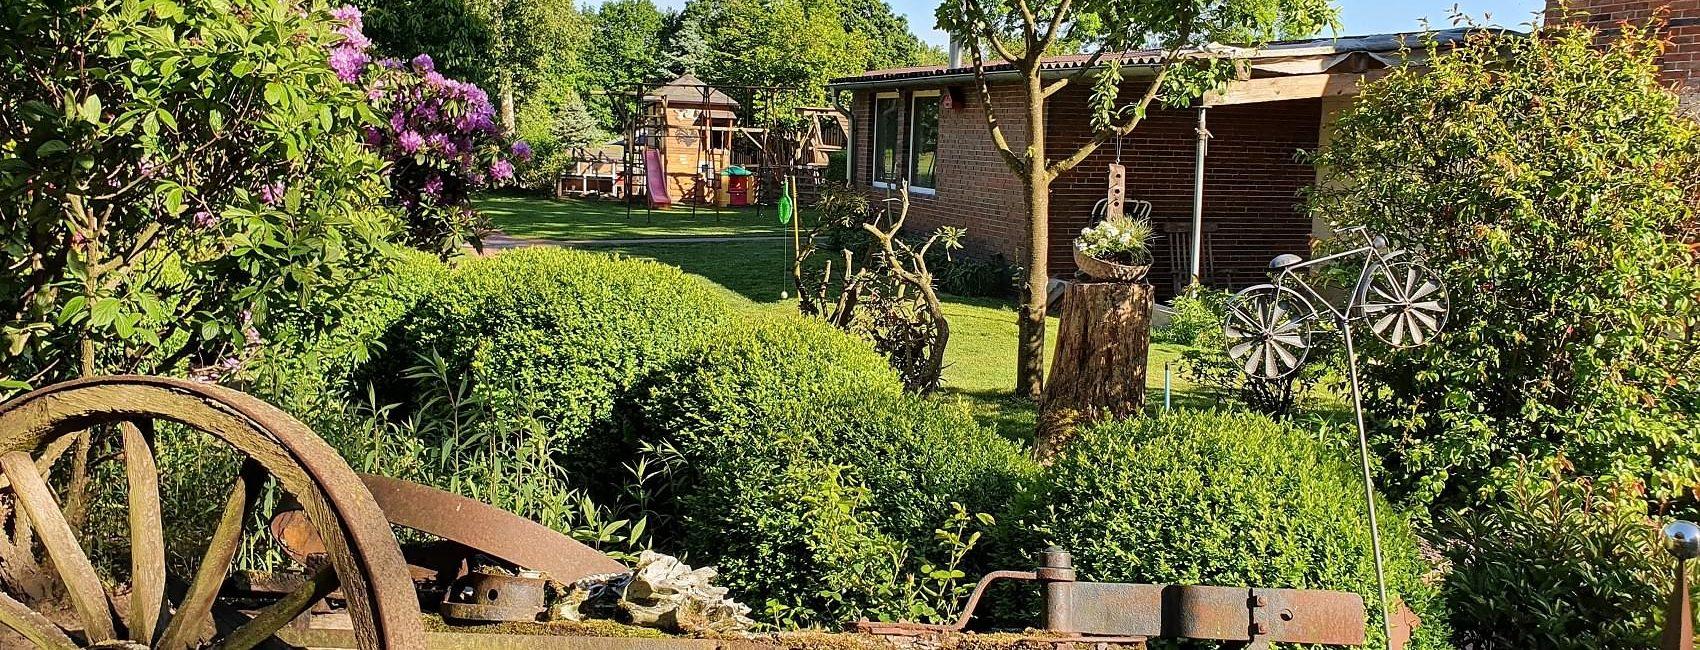 © Ferienhof Hollwege – Ferien auf dem Bauernhof - 6 gemütliche Ferienwohnungen (teilweise barrierefrei) in Oldenburg (Oldb)